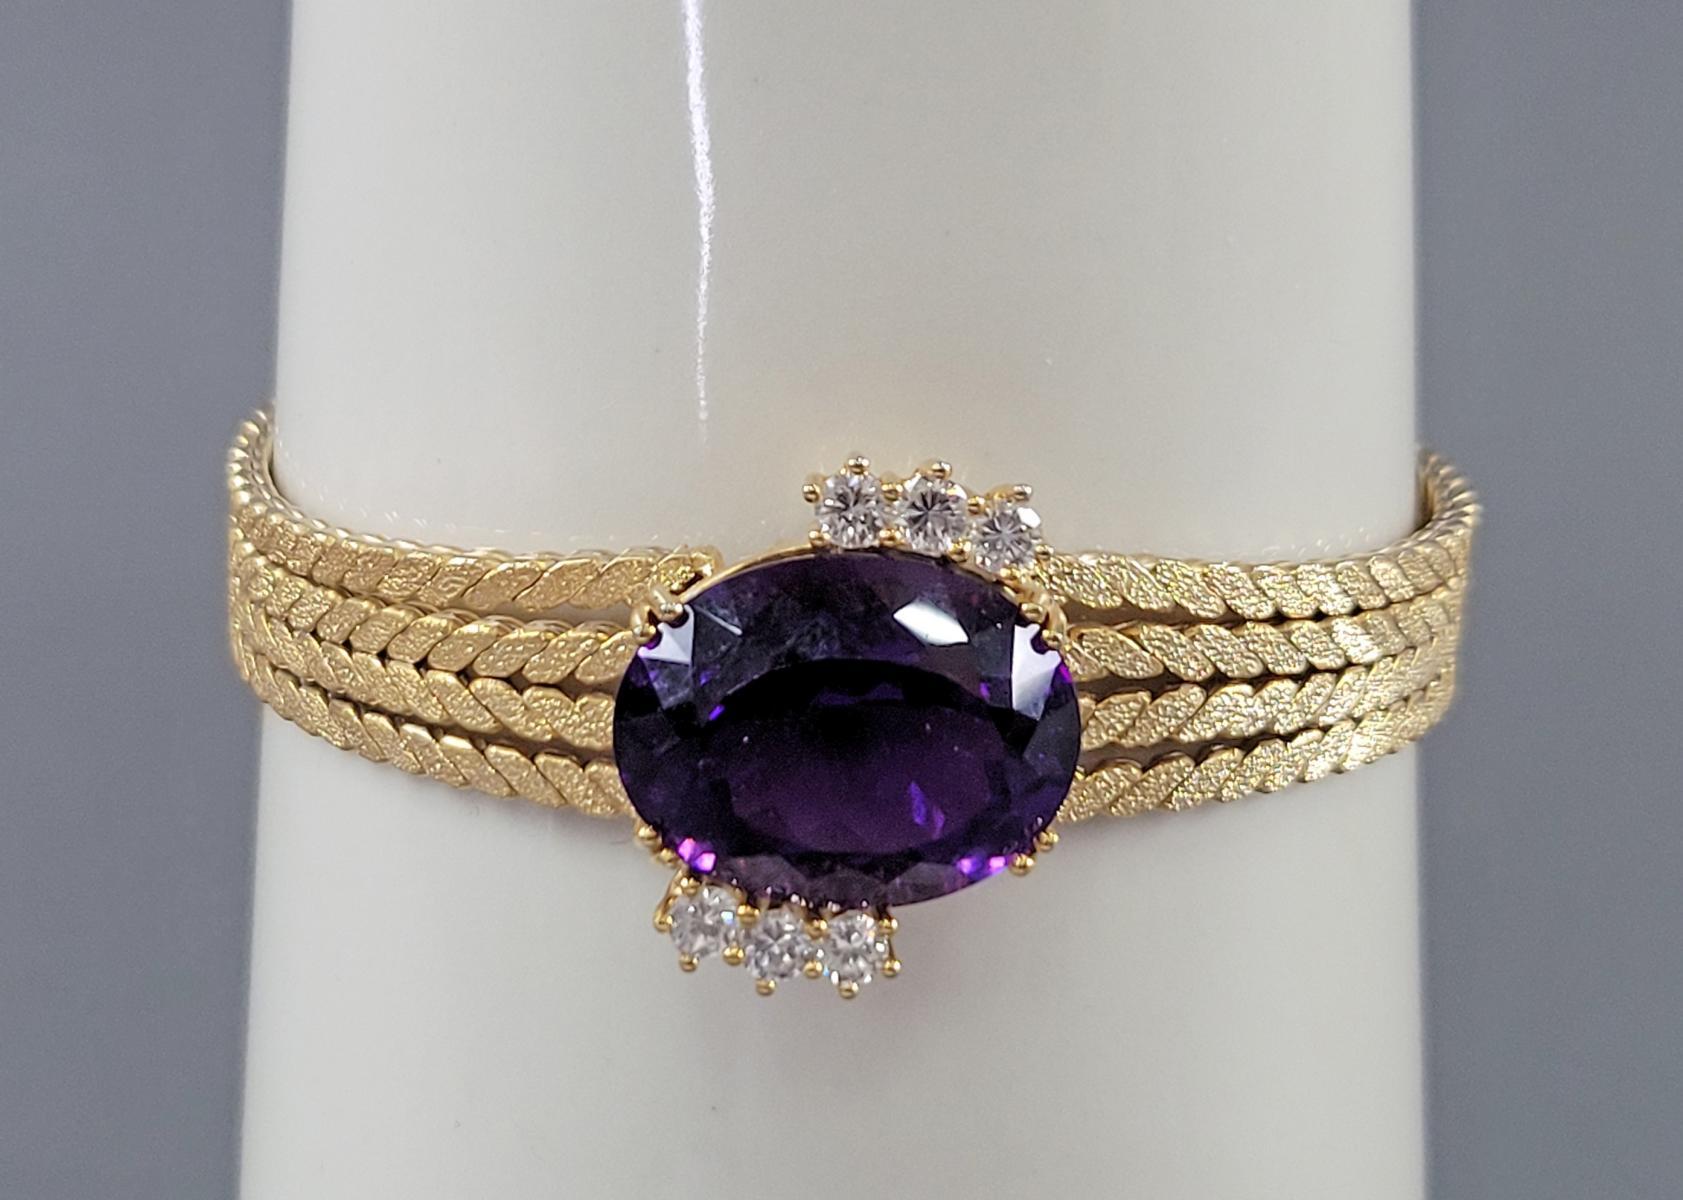 Damenarmband mit großem, facettierten Amethyst und Diamanten, 14 Karat Gelbgold-6